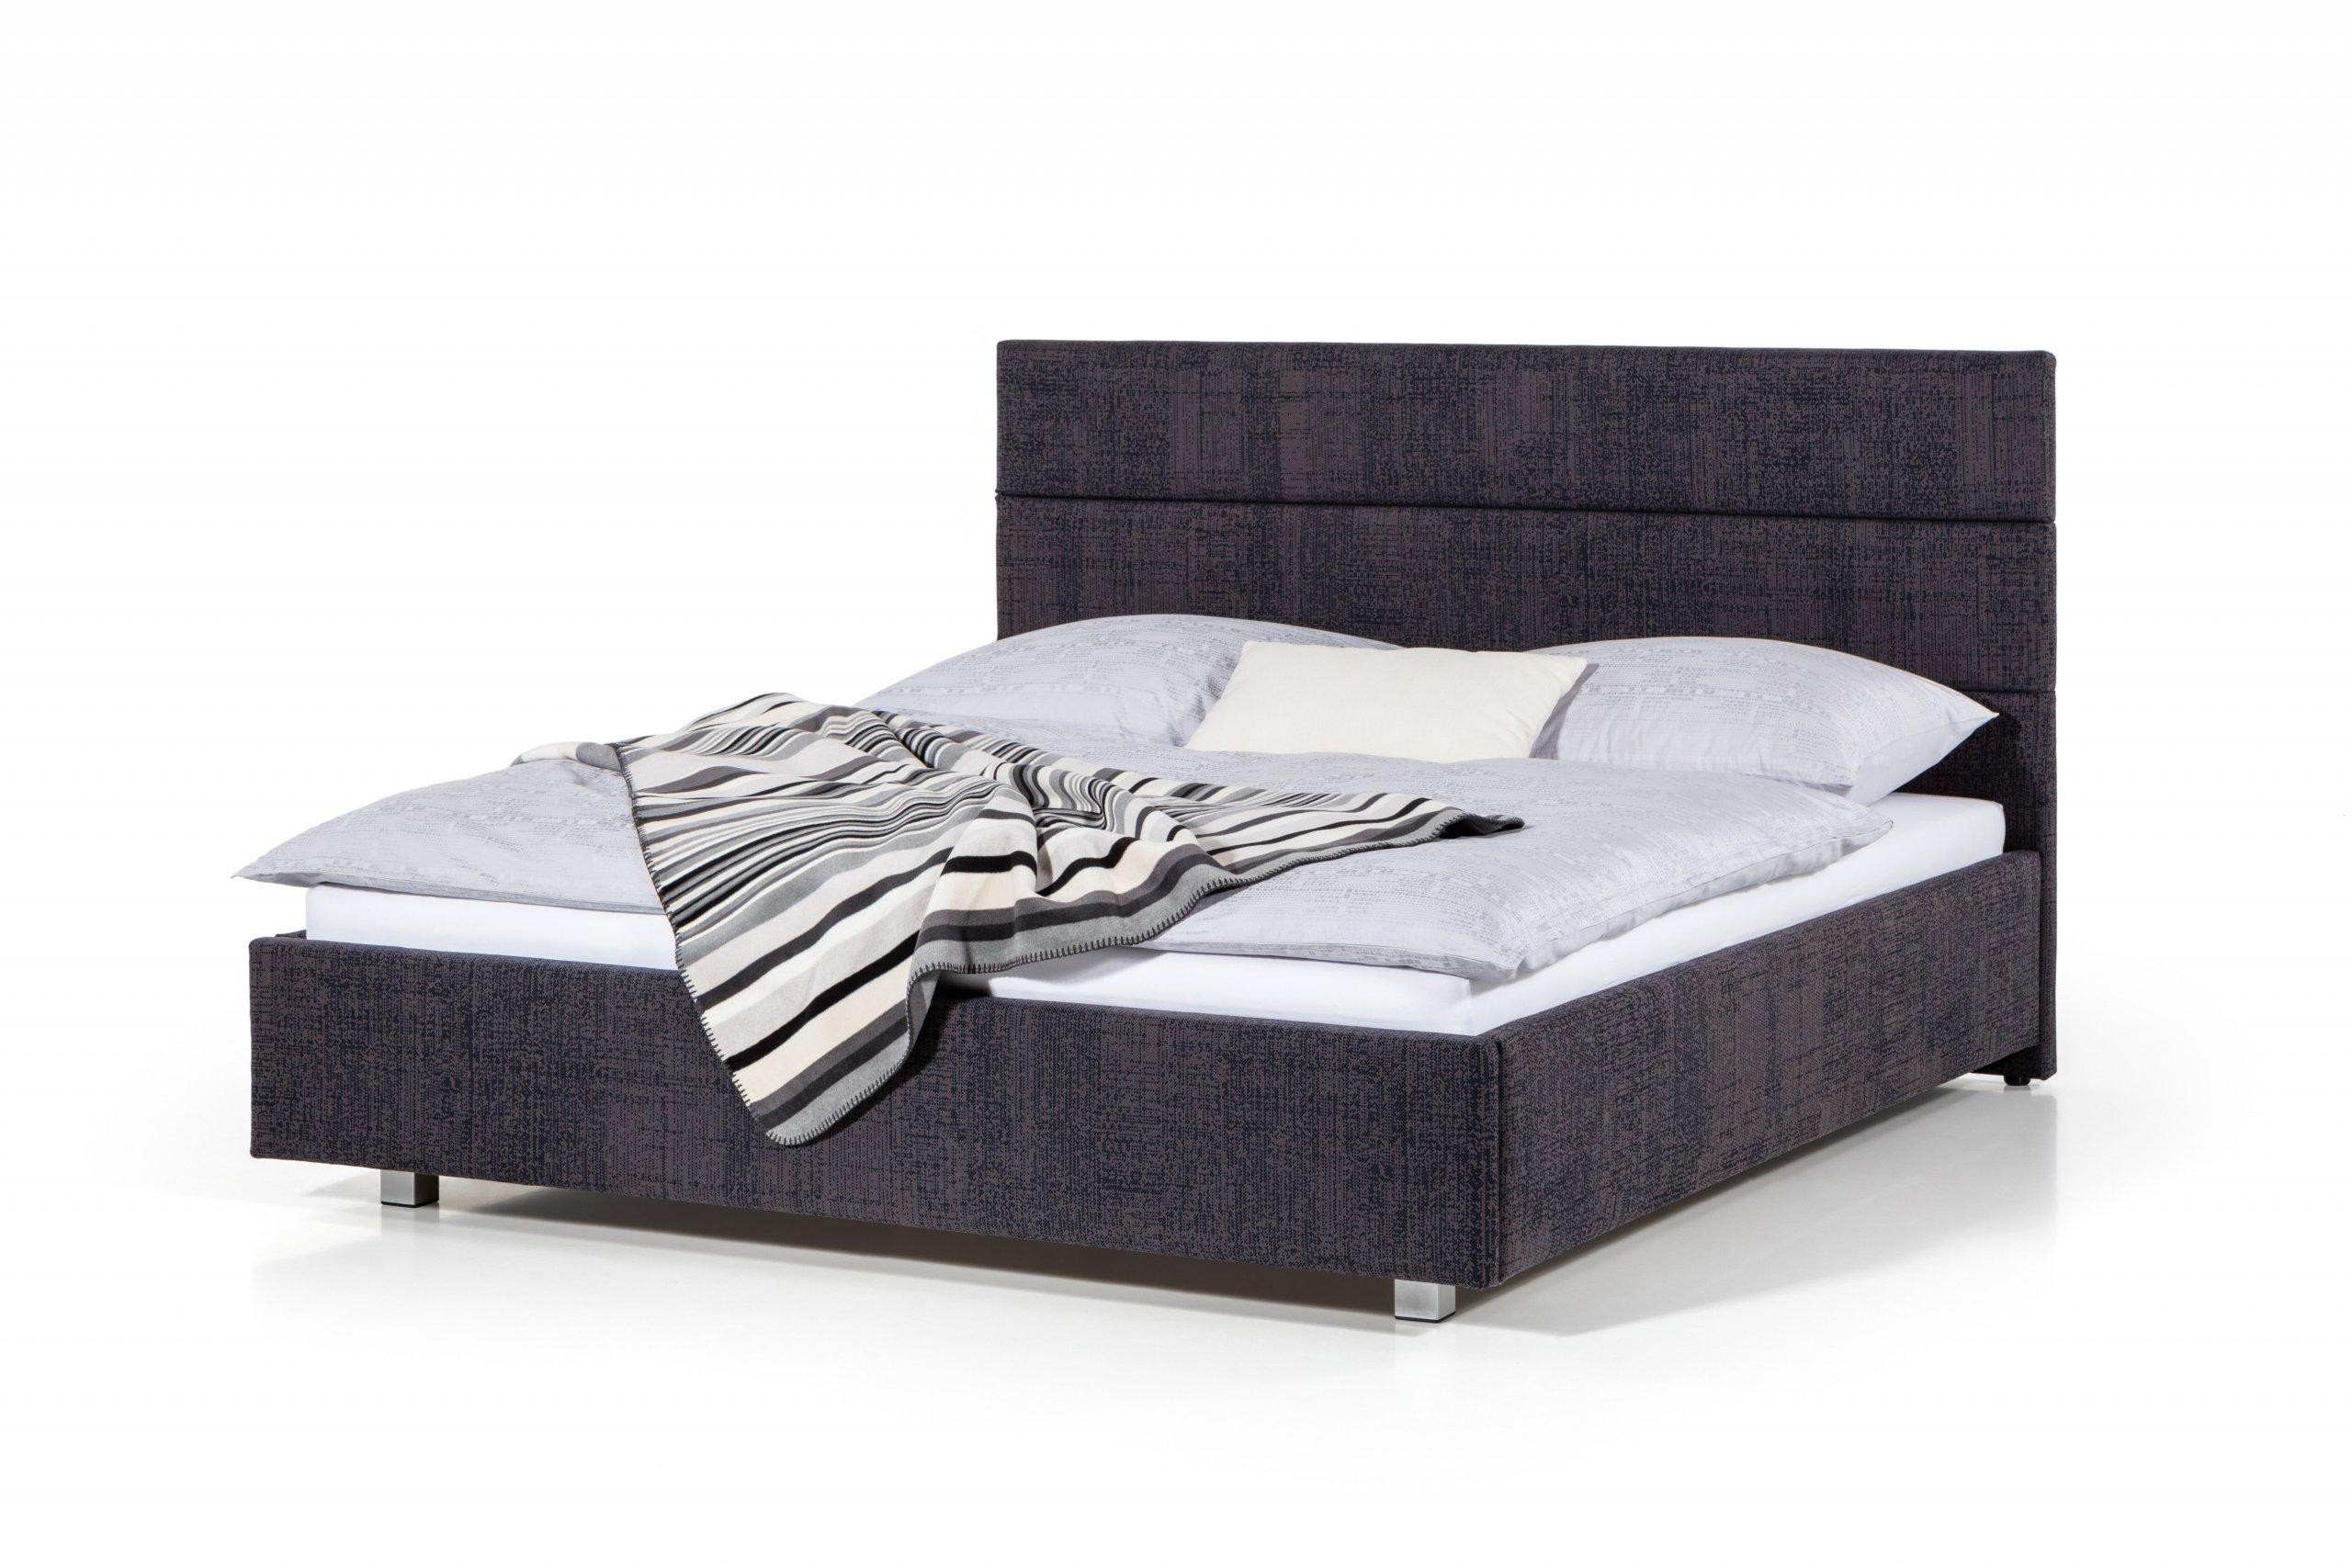 Čalouněná postel se zadním čelem vytvořeným z čalouněných pruhů. Lze doplnit o noční stolky.  - stabilní pevná konstrukce - pohodlná výška pro vstávání 45…